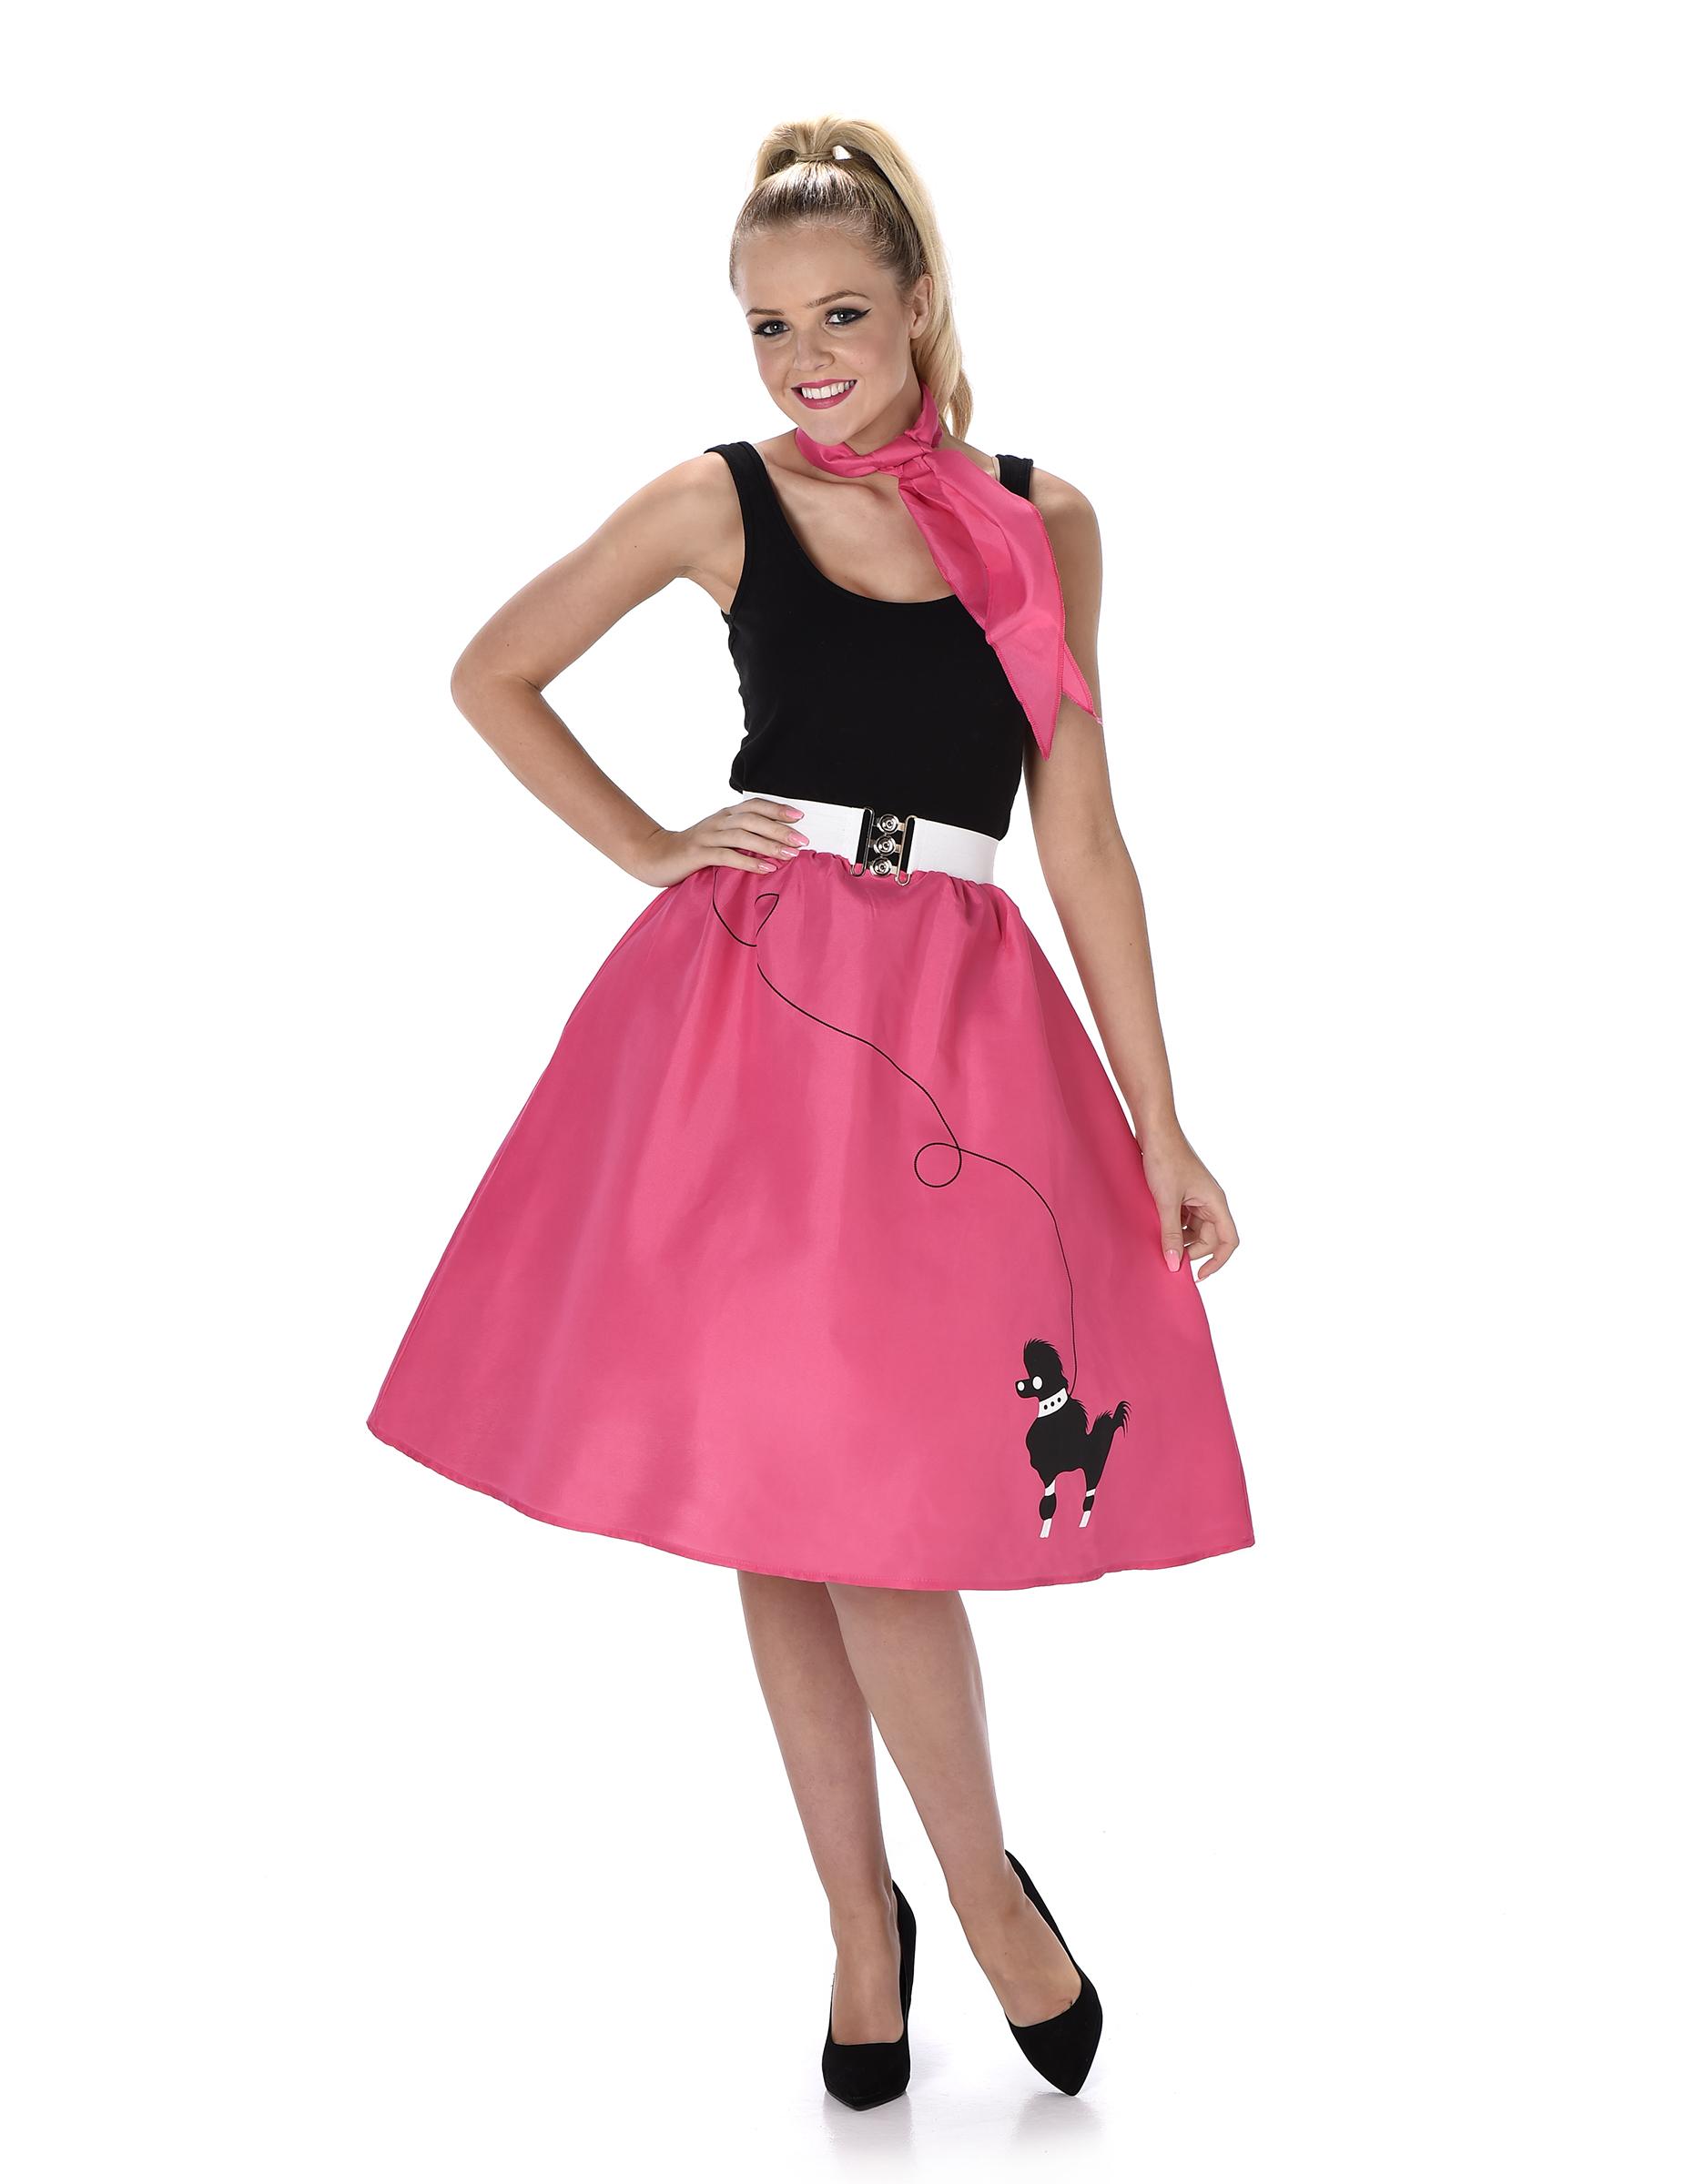 abbastanza Costume anni 50' fucsia donna: Costumi adulti,e vestiti di  OS29